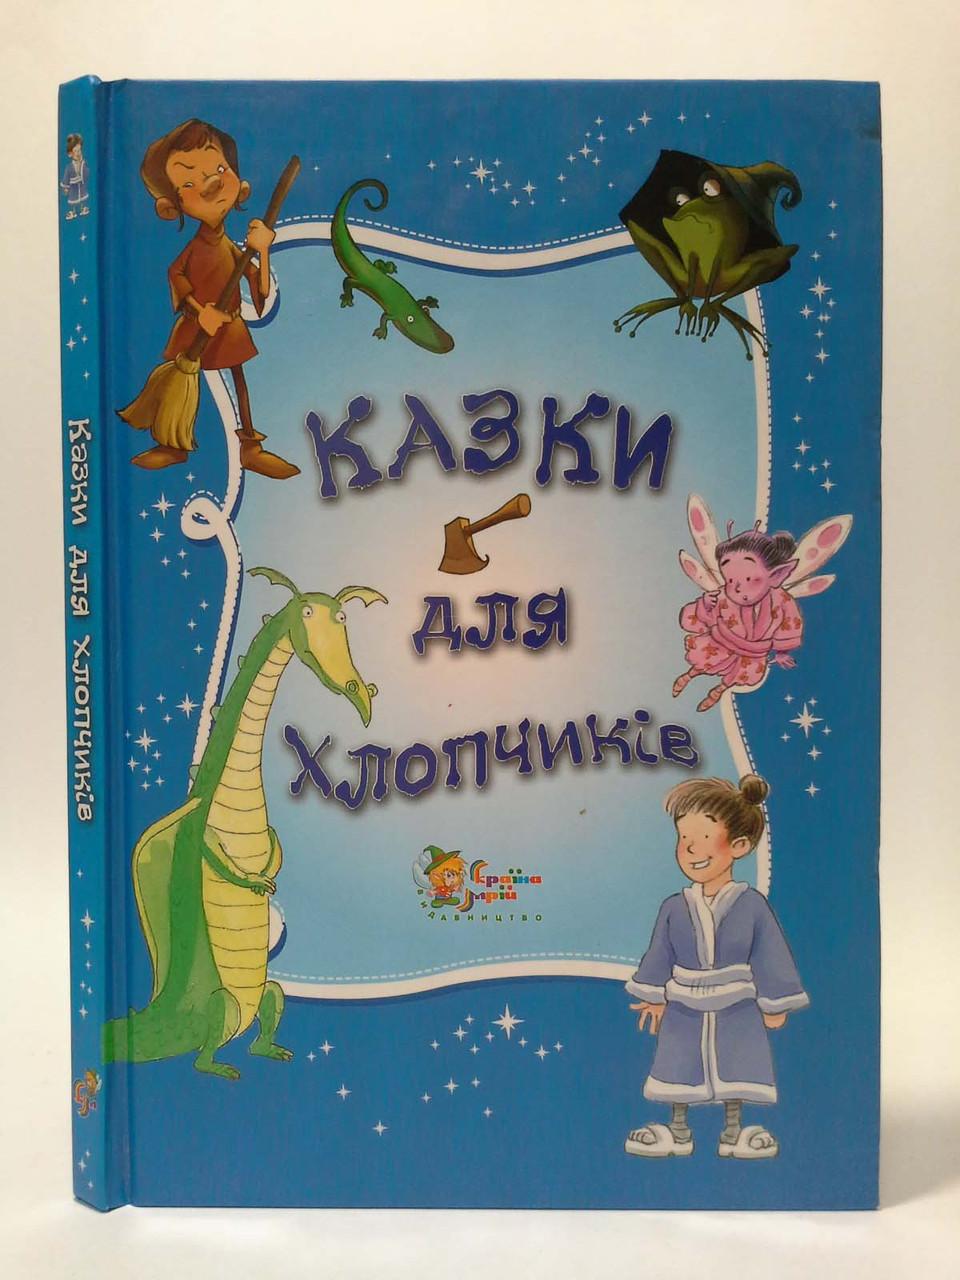 Країна мрій ДИТ Казки для хлопчиків